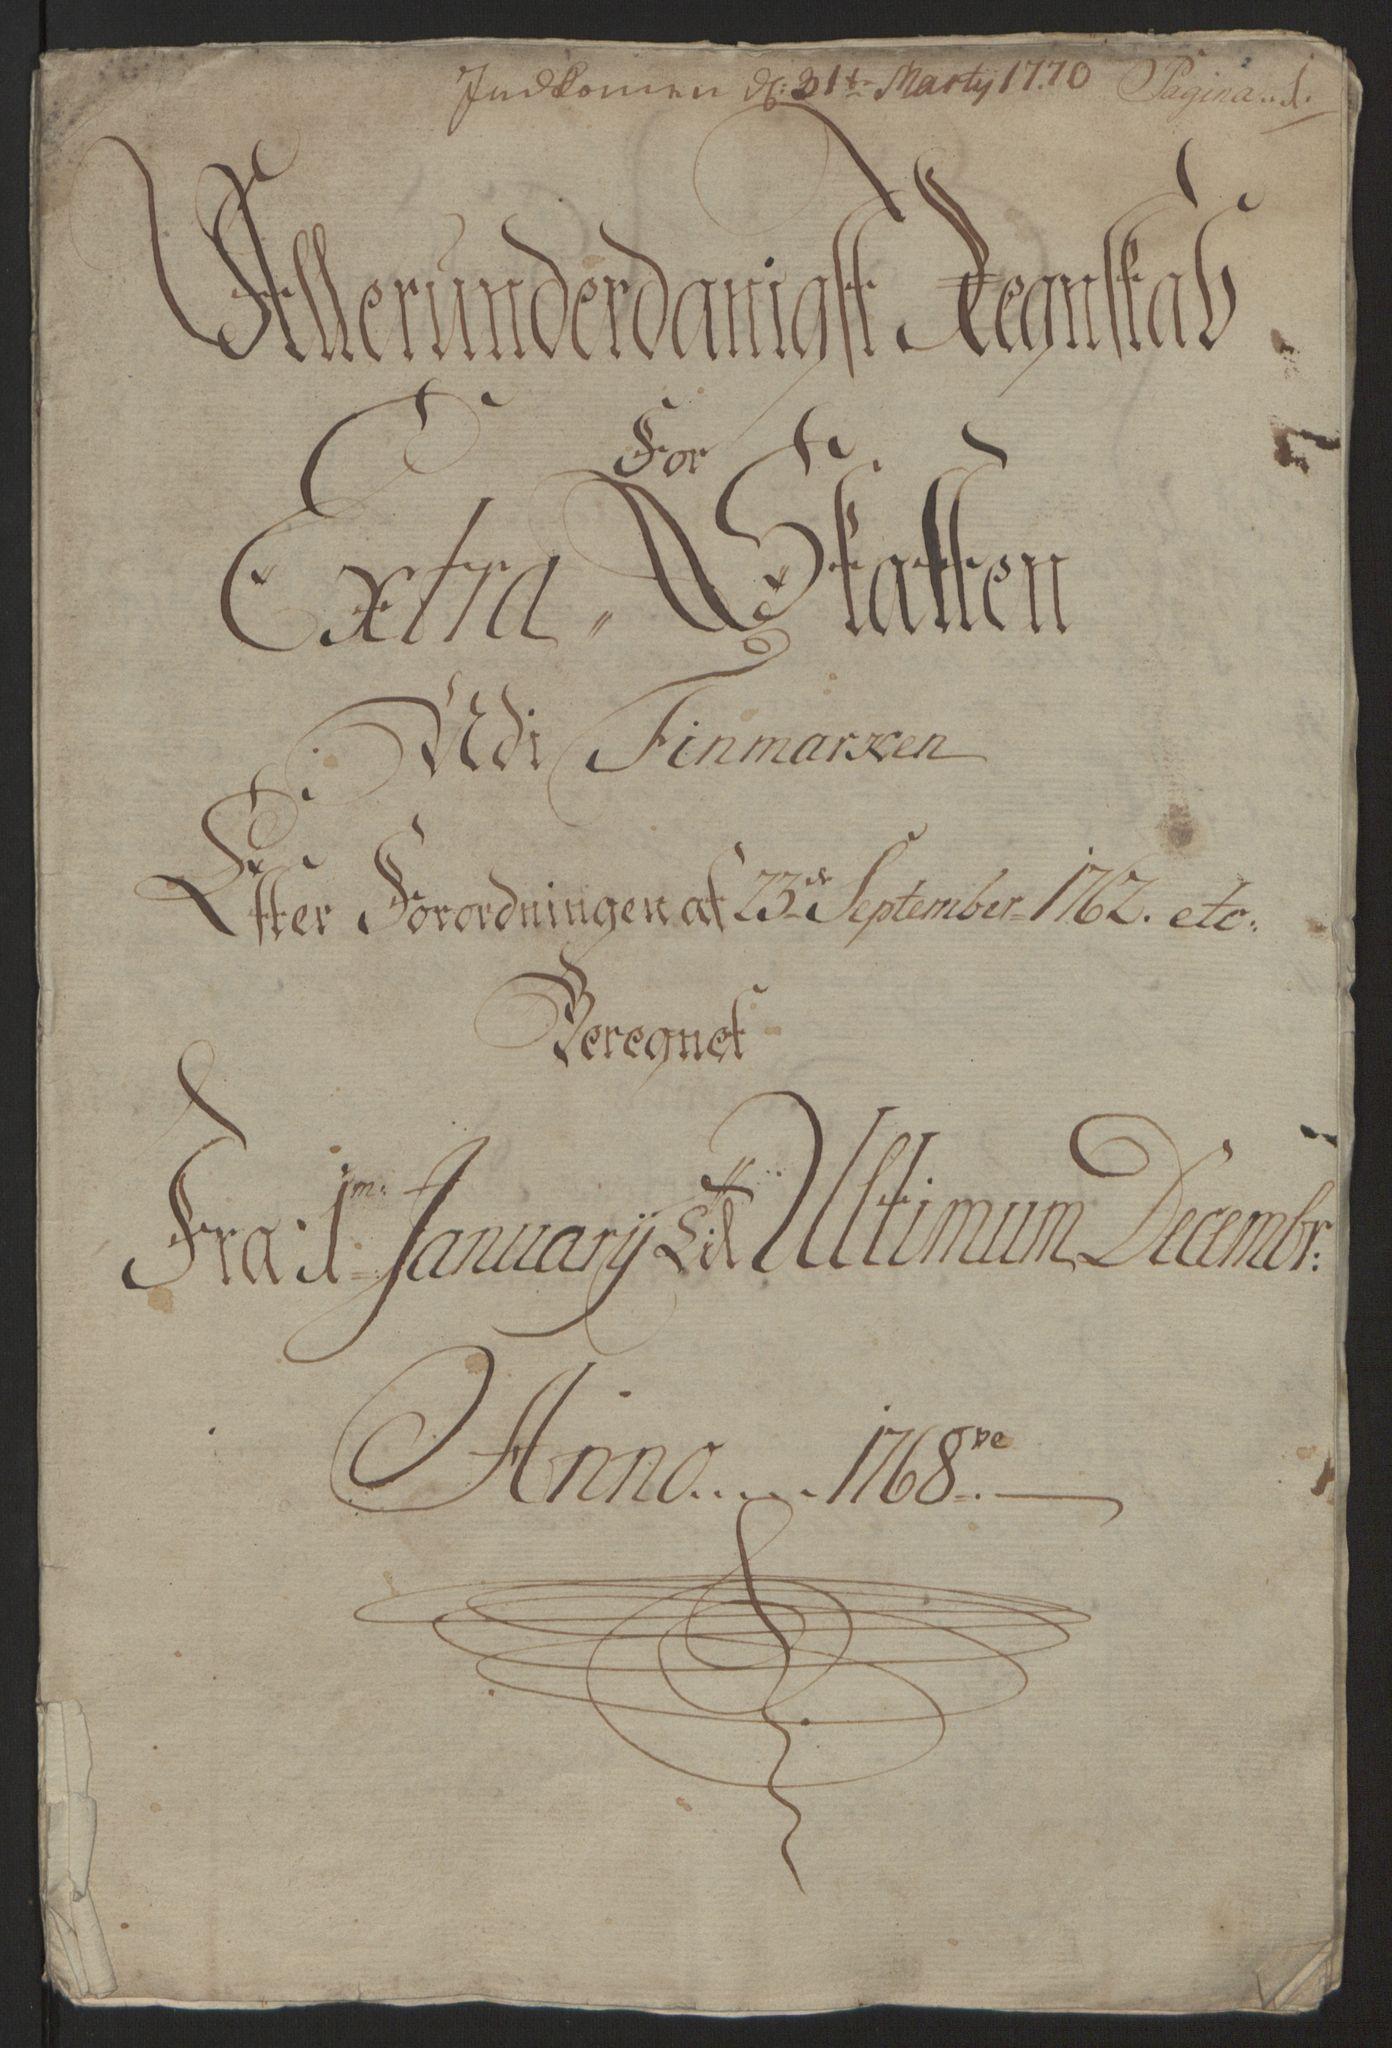 RA, Rentekammeret inntil 1814, Reviderte regnskaper, Fogderegnskap, R69/L4910: Ekstraskatten  Finnmark/Vardøhus, 1762-1772, s. 244